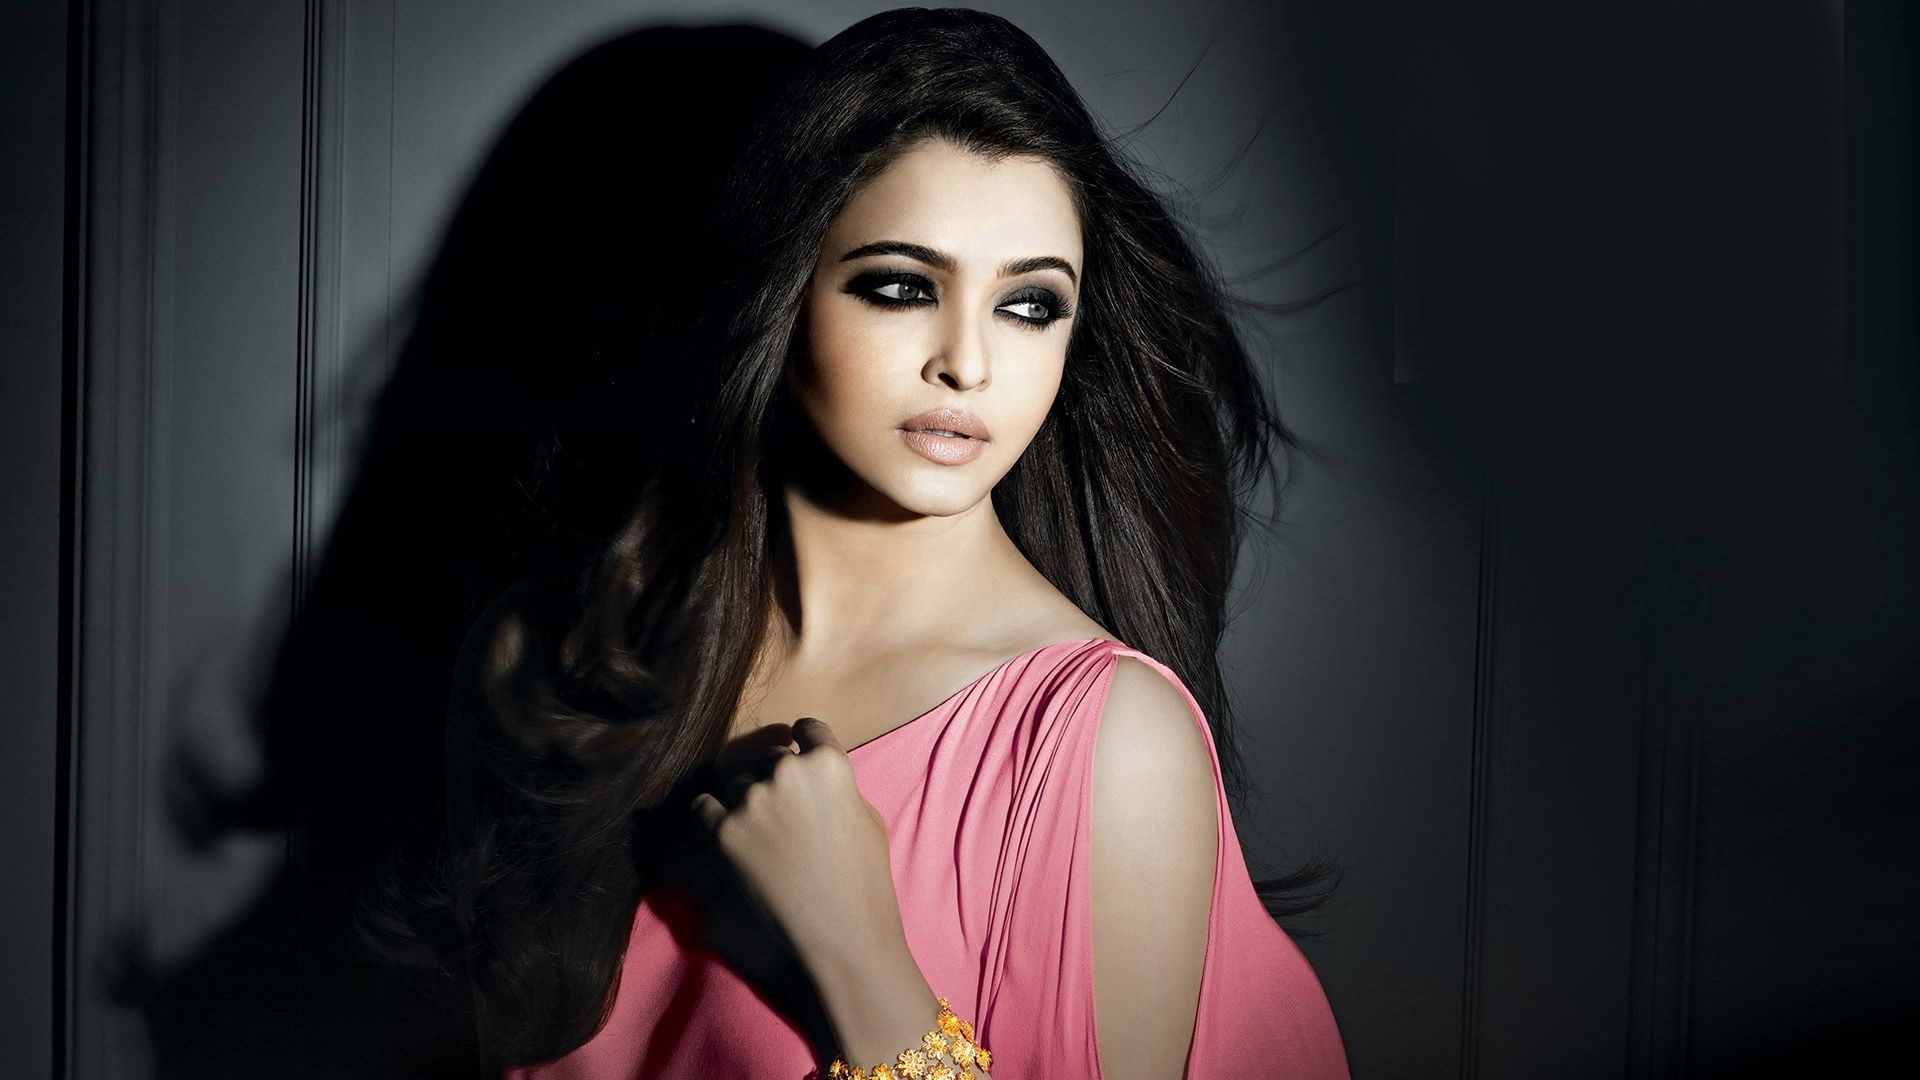 Indian Actress Aishwarya Rai